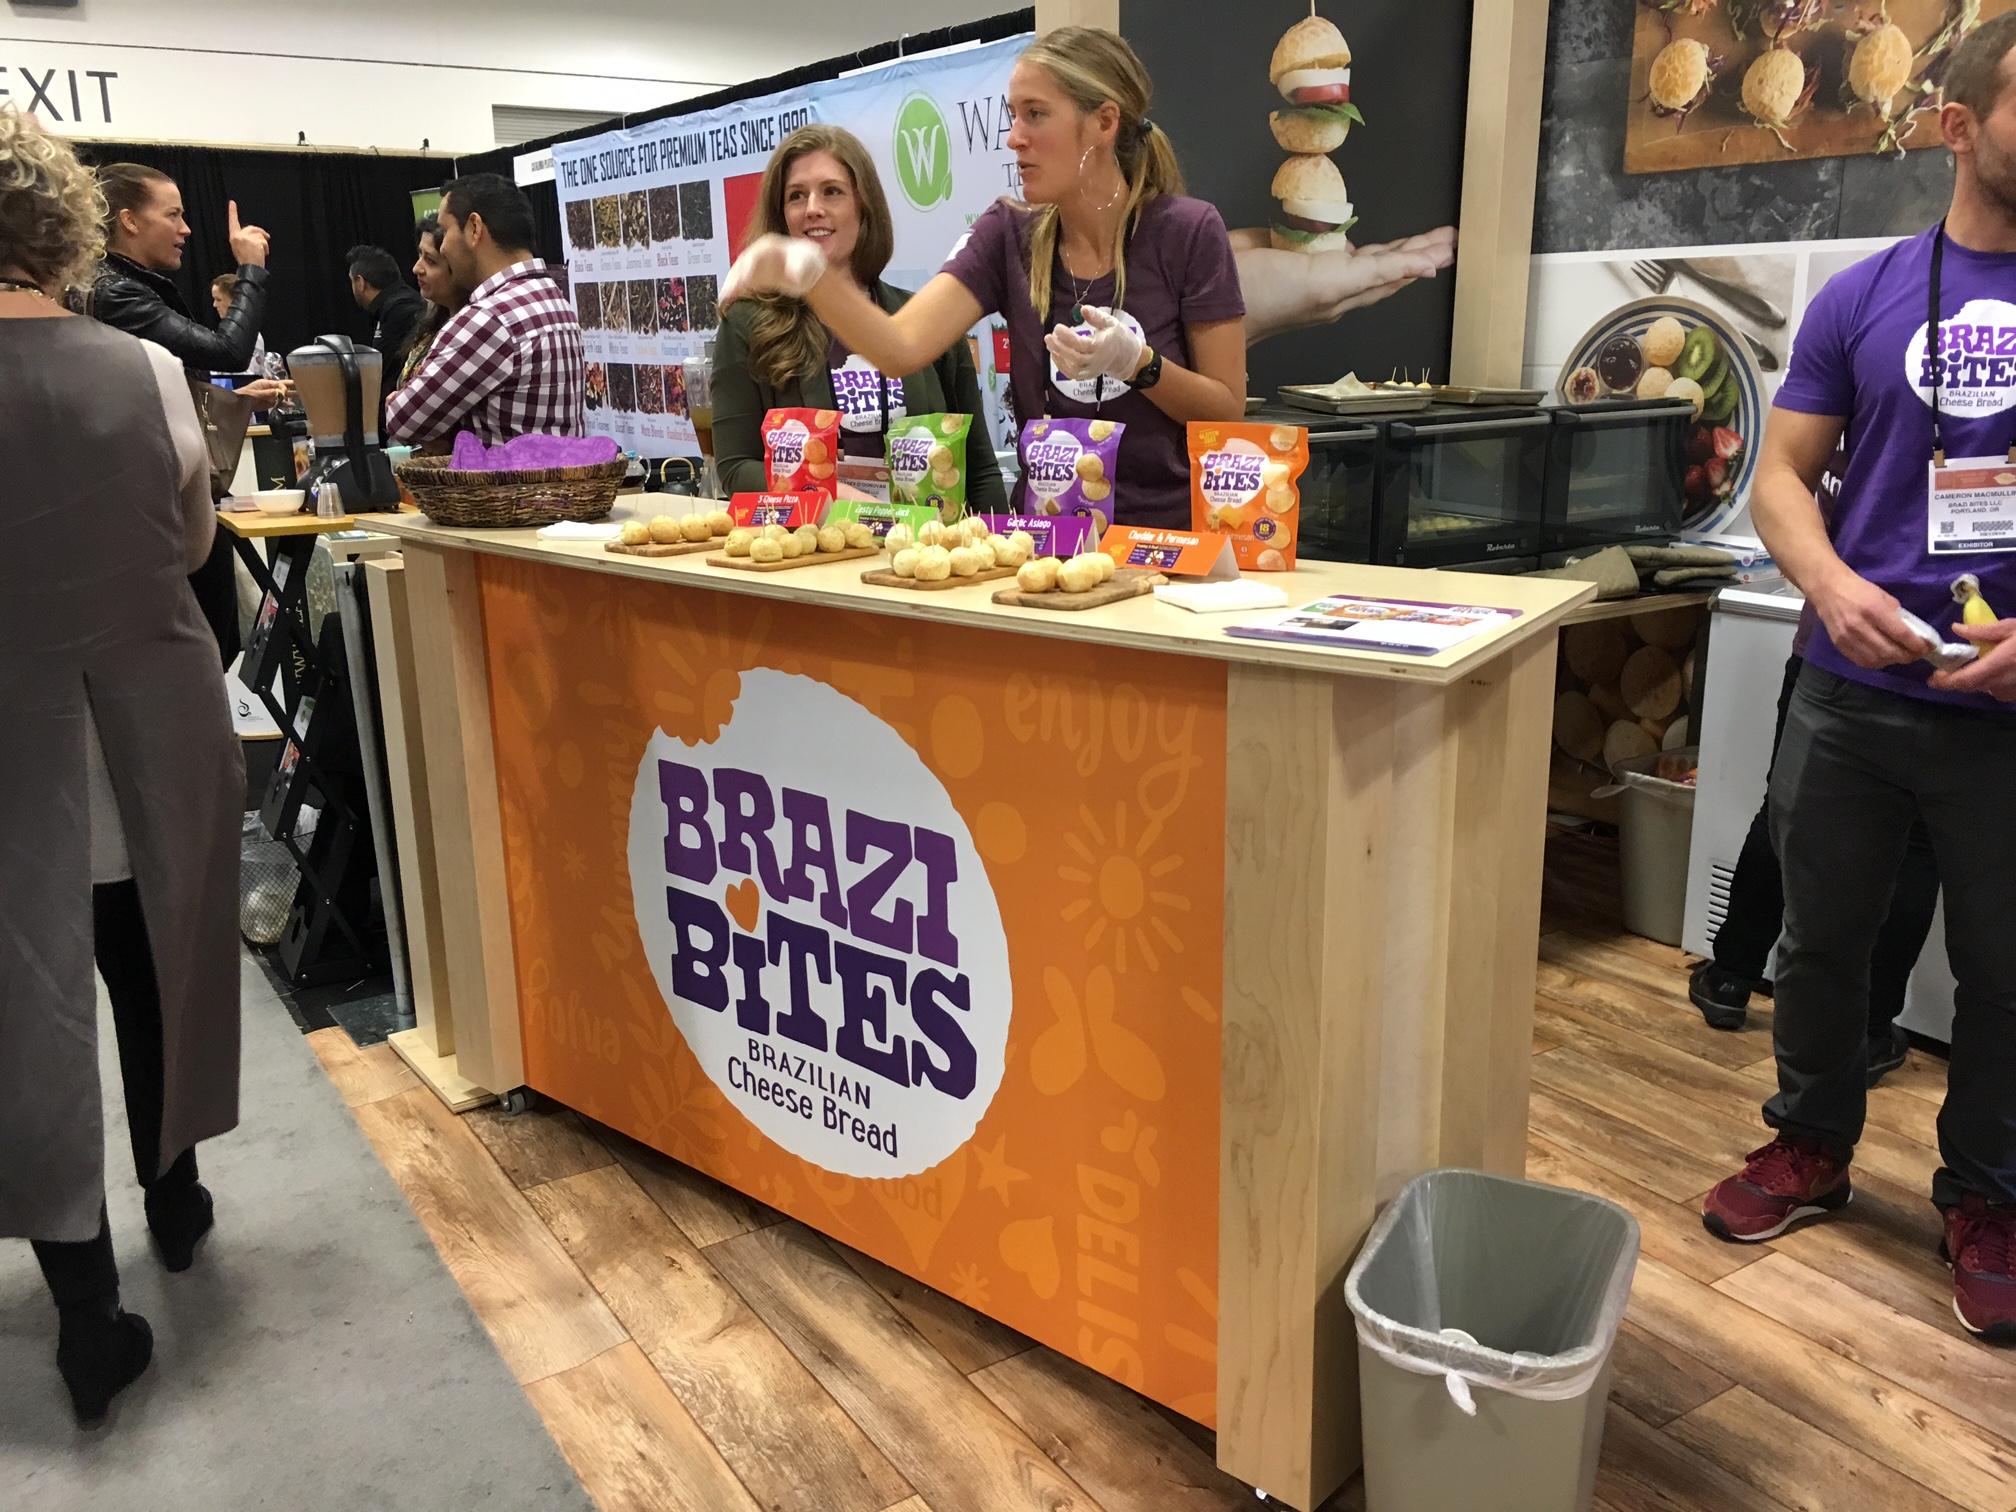 Tradeshow Booth Design for Brazi Bites Brazilian Cheese Bread 2019